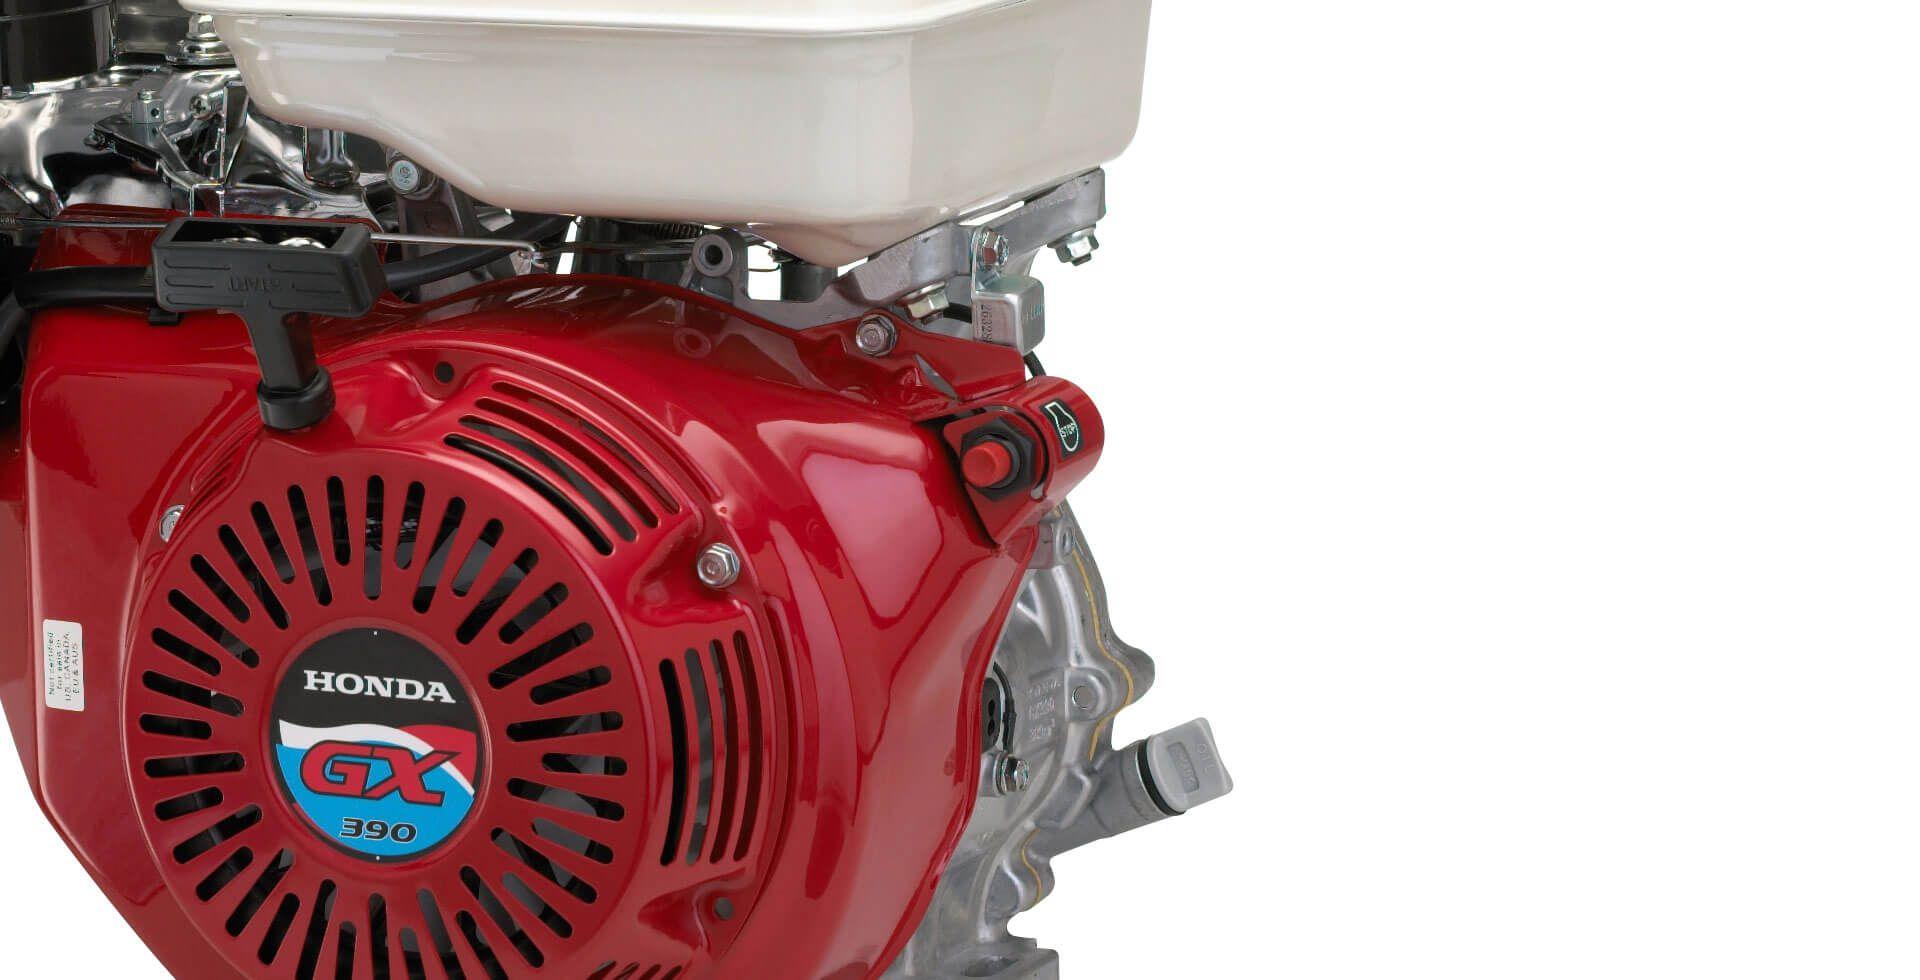 Motor Honda Mega GX390 estacionário 13,3cv